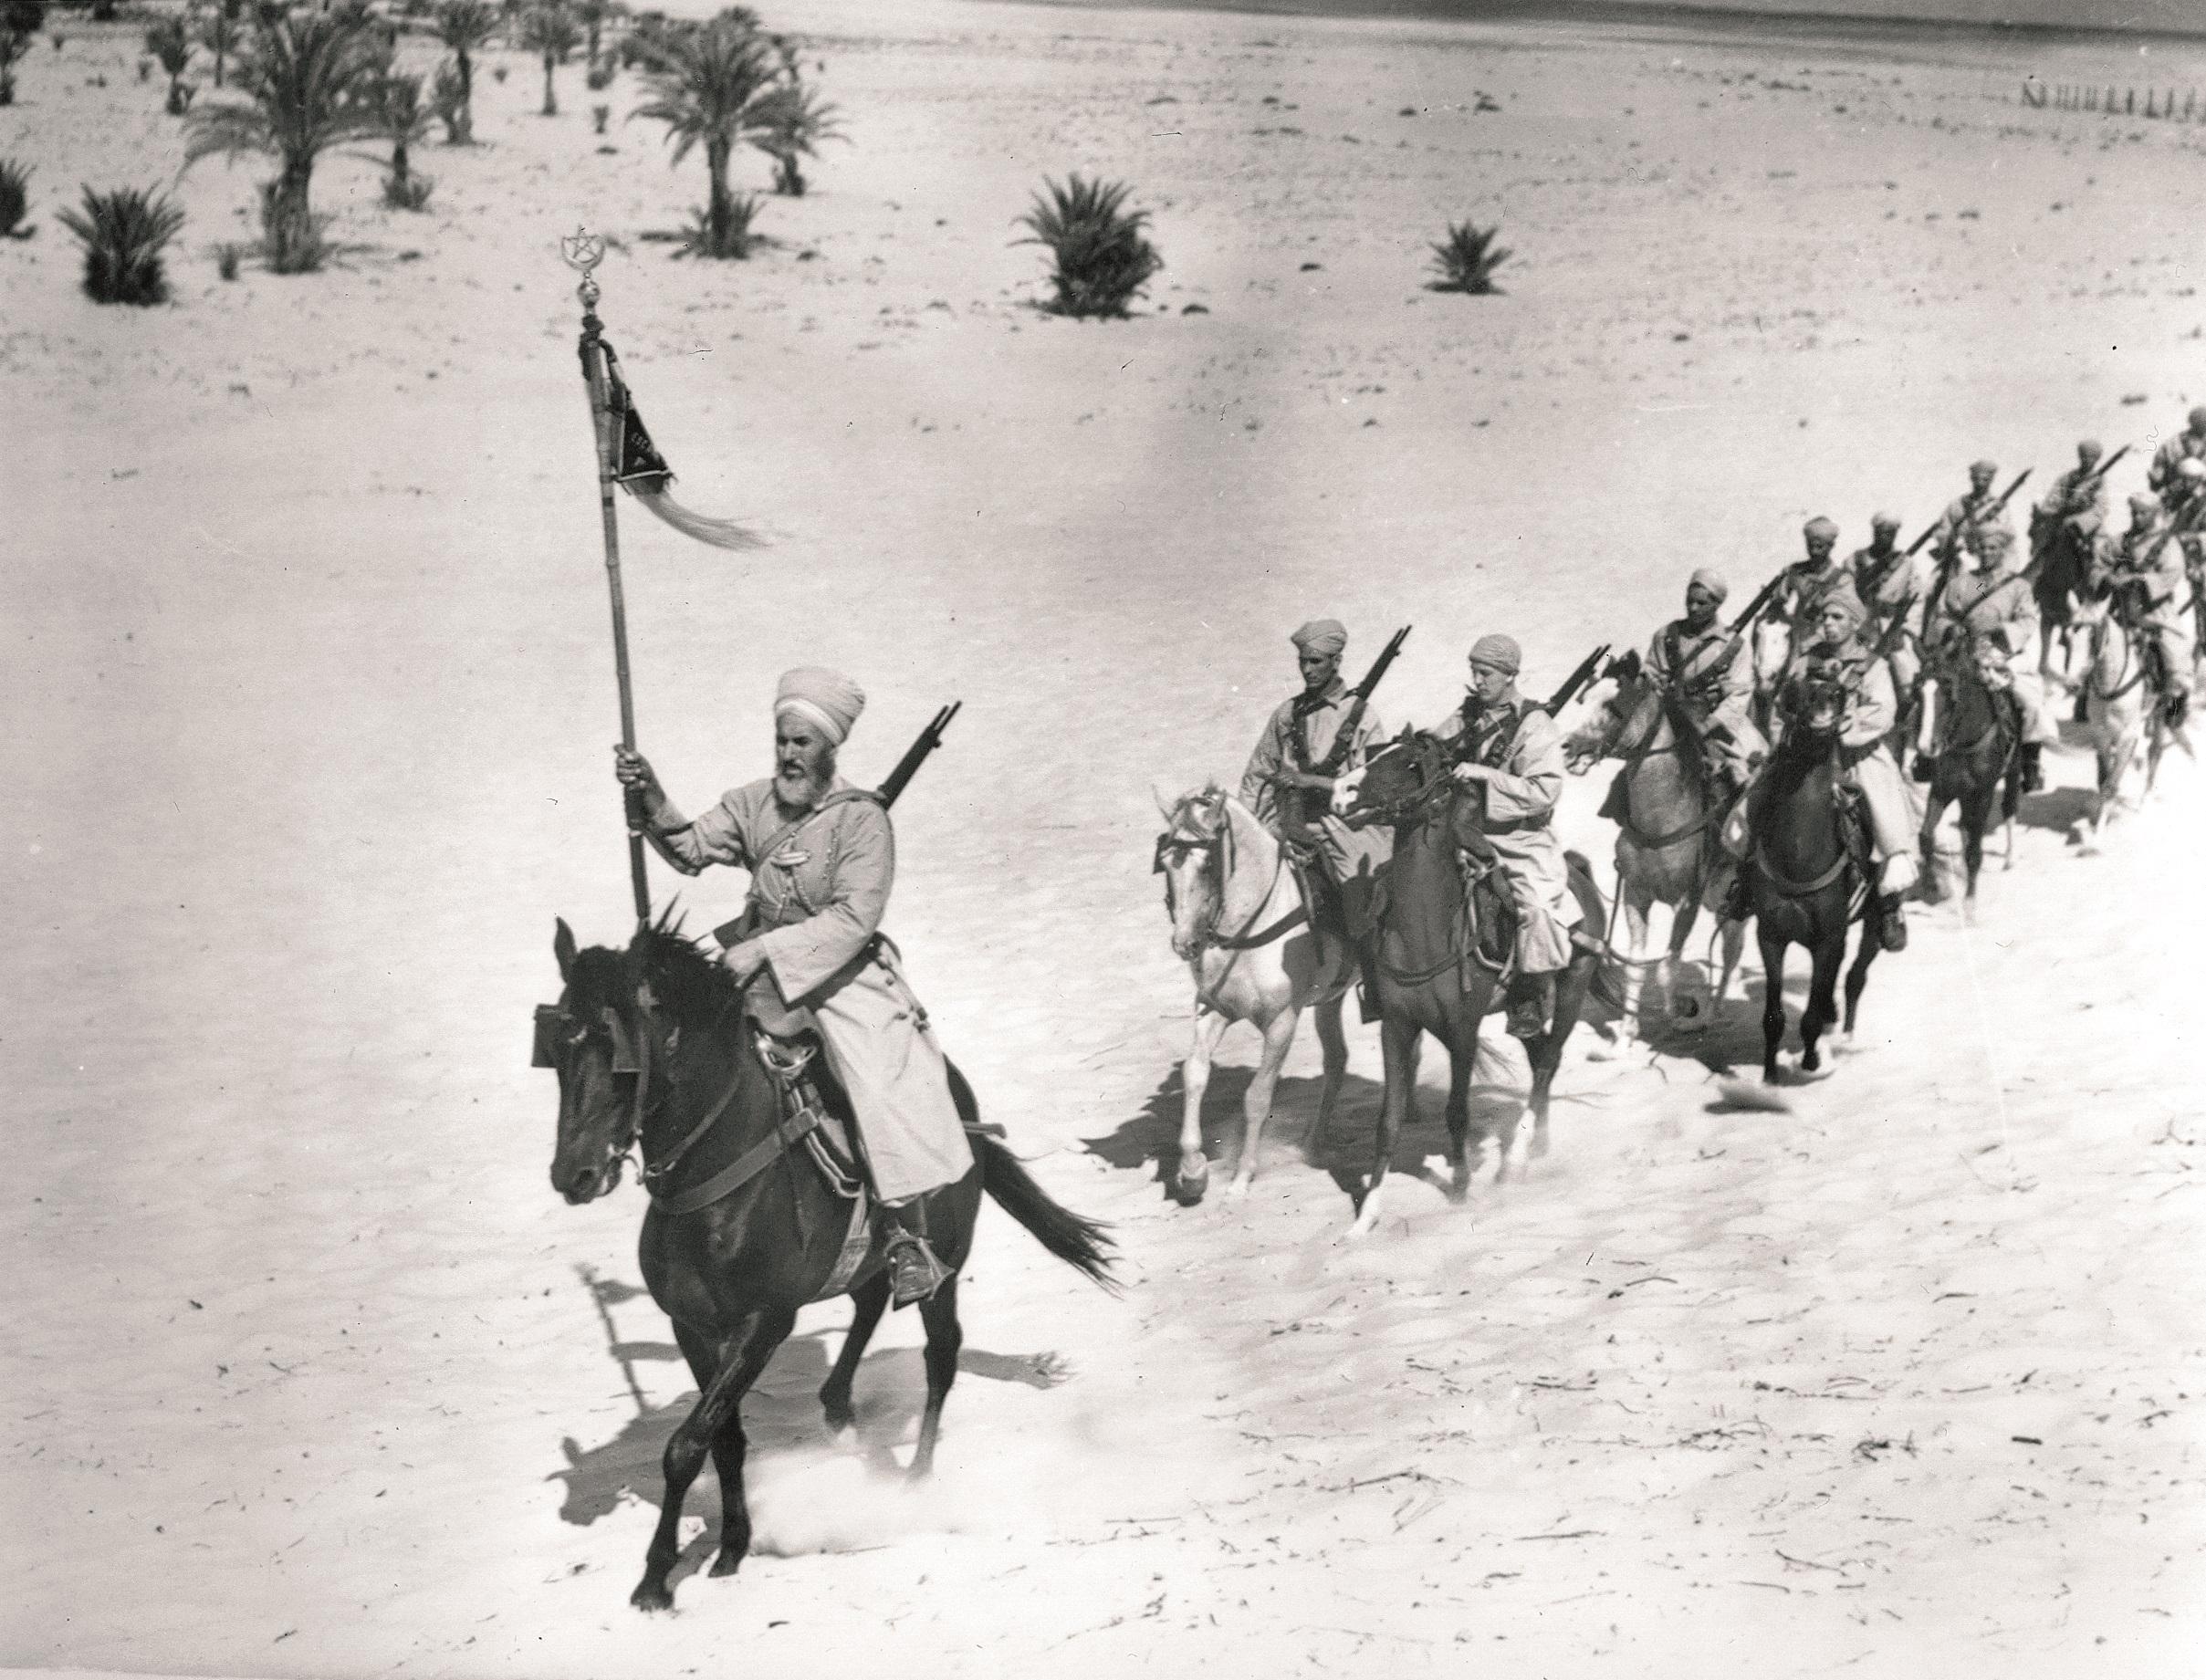 Le ralliement du 1er escadron du 1er régiment de spahis marocains